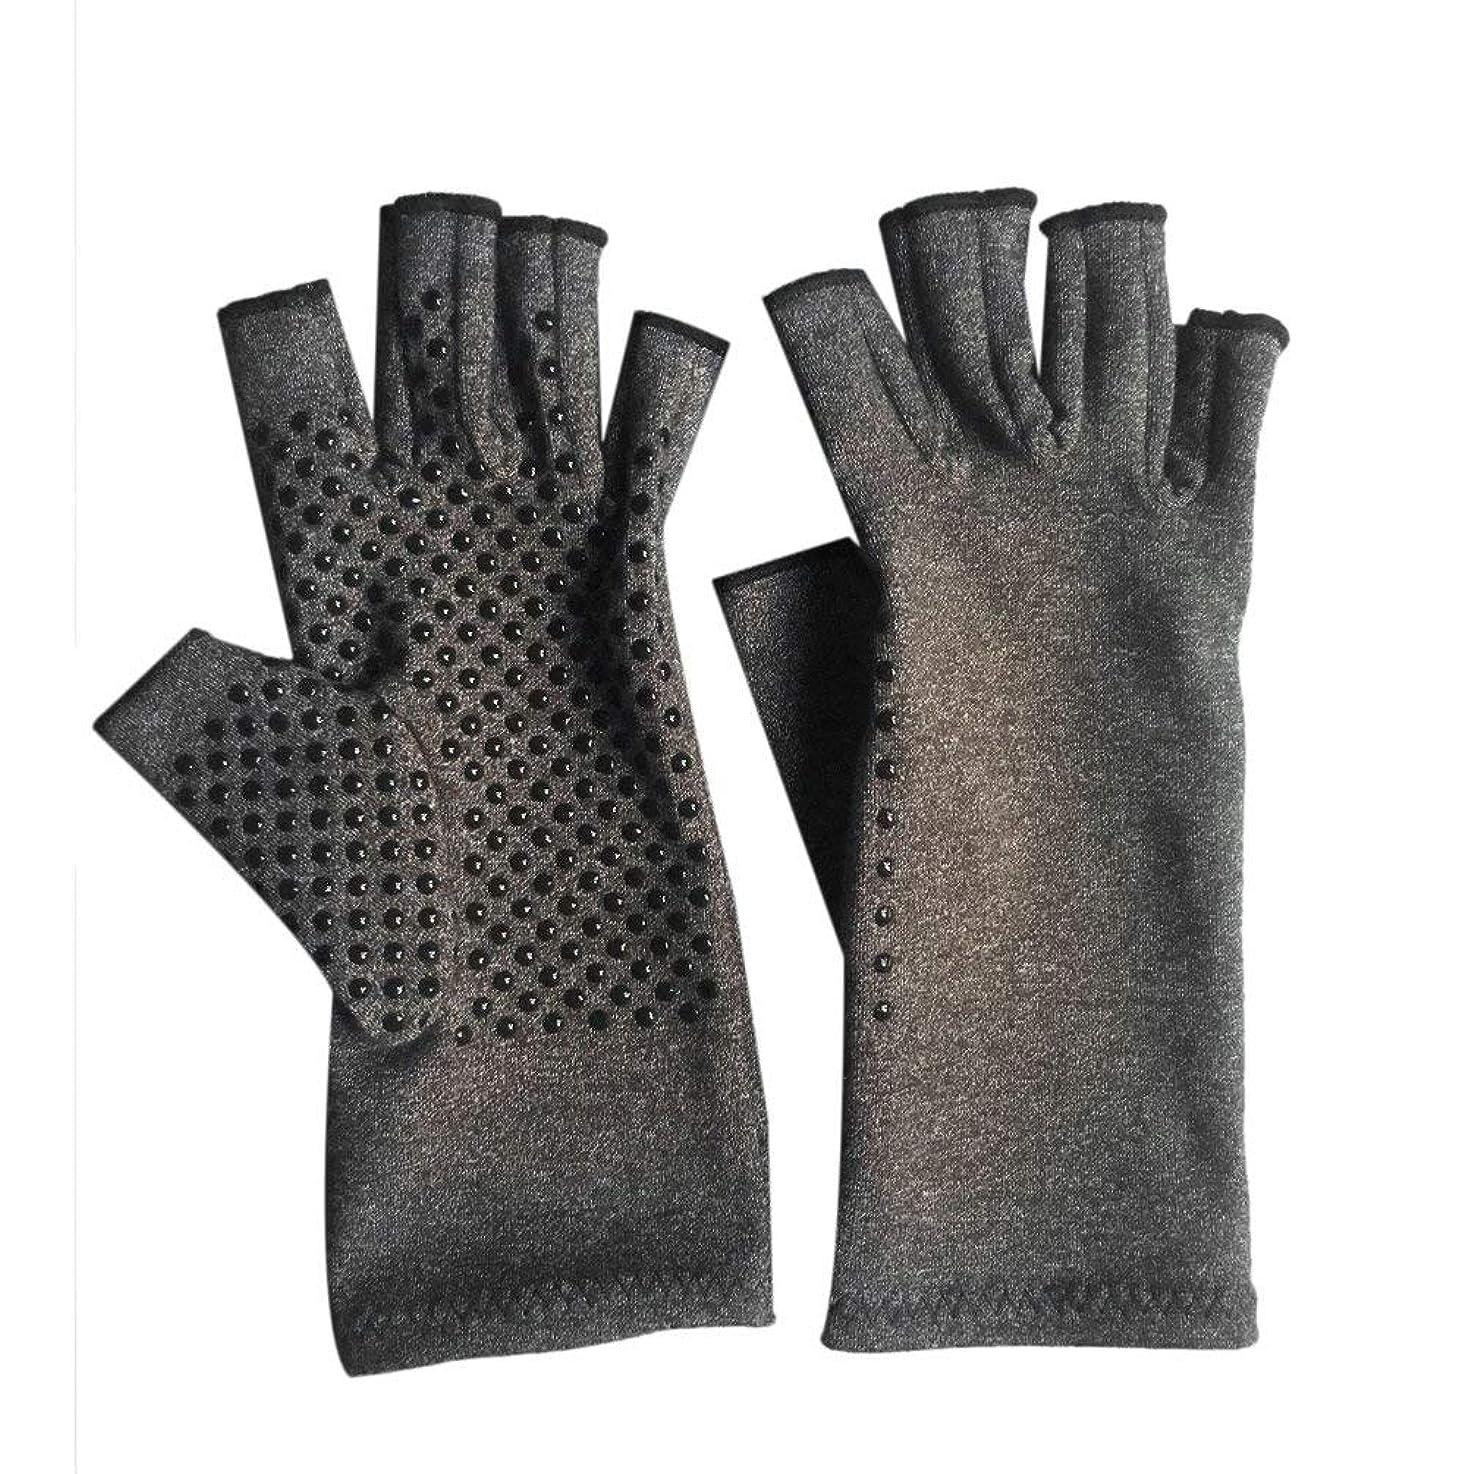 膨らみマイルド仲人1ペアユニセックス男性女性療法圧縮手袋関節炎関節痛緩和ヘルスケア半指手袋トレーニング手袋 - グレーM